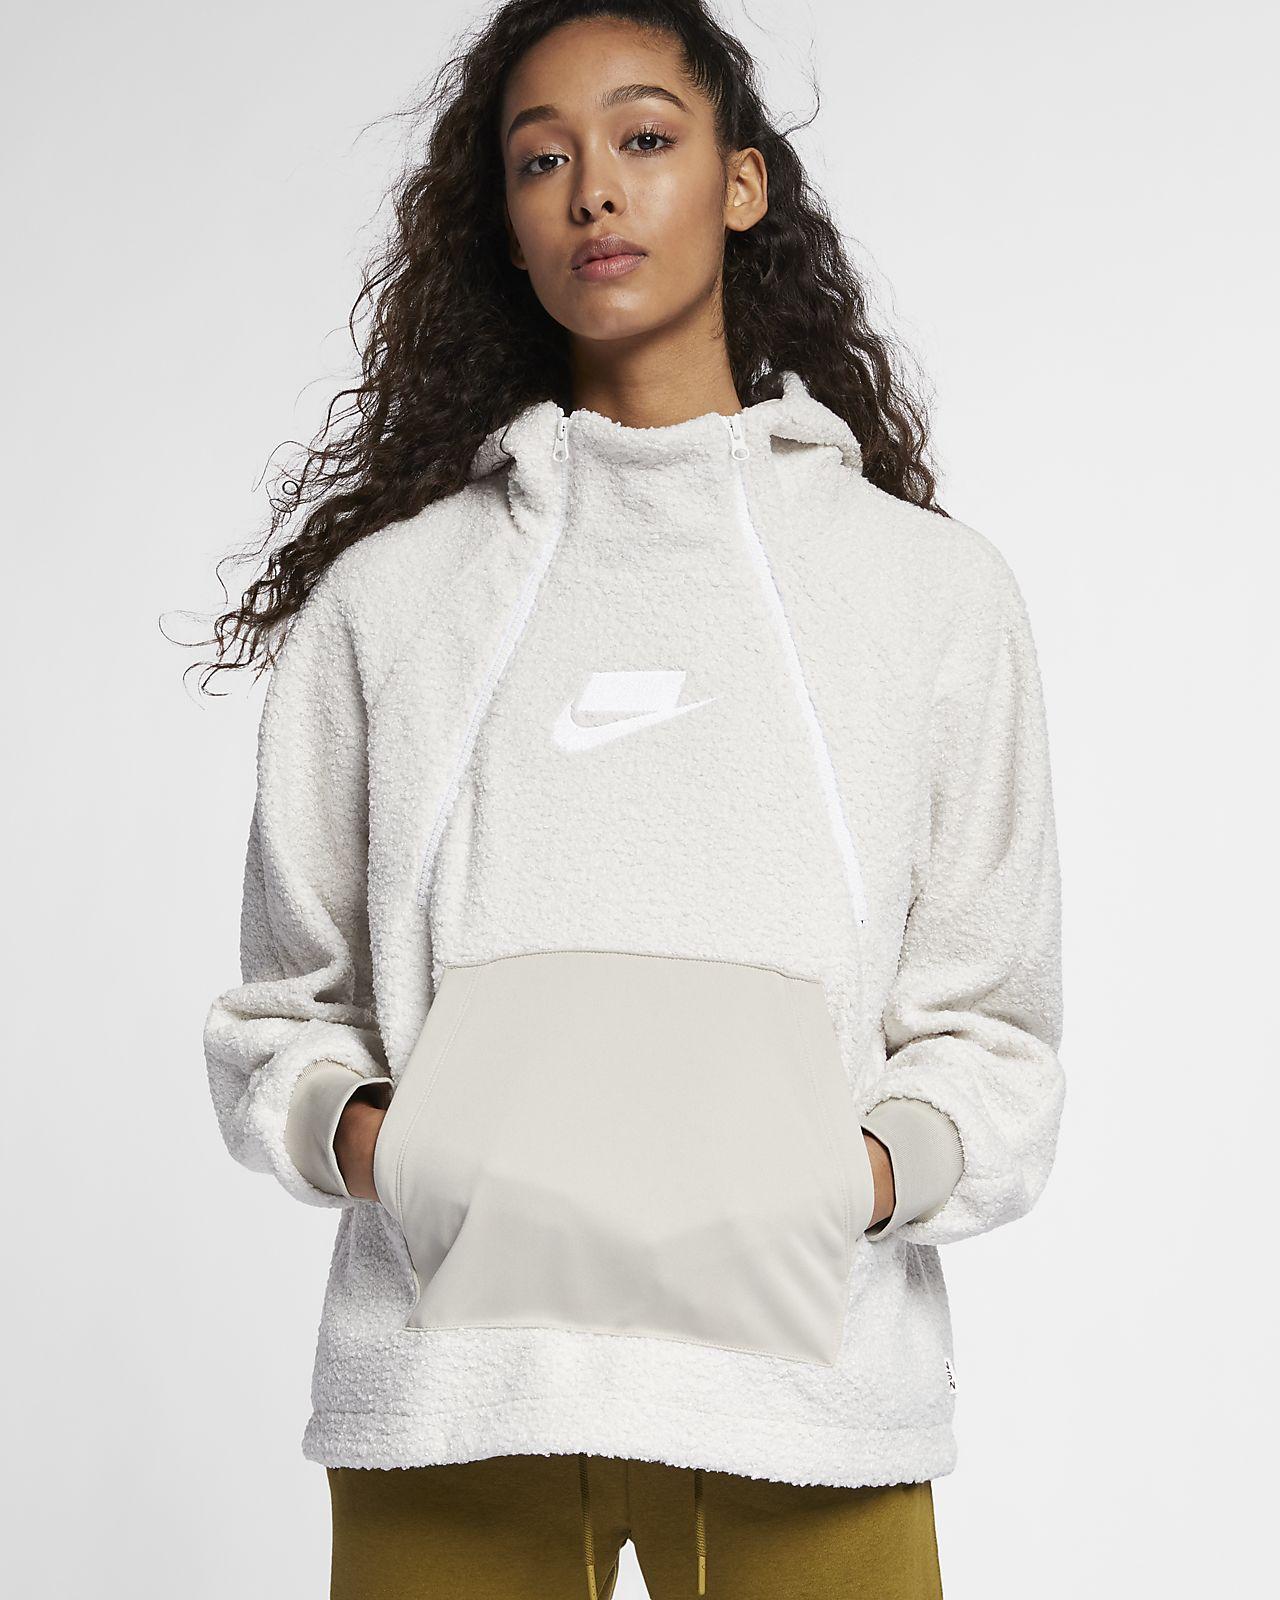 100% authentic choose clearance sale online Nike Sportswear NSW Women's Pullover Sherpa Hoodie